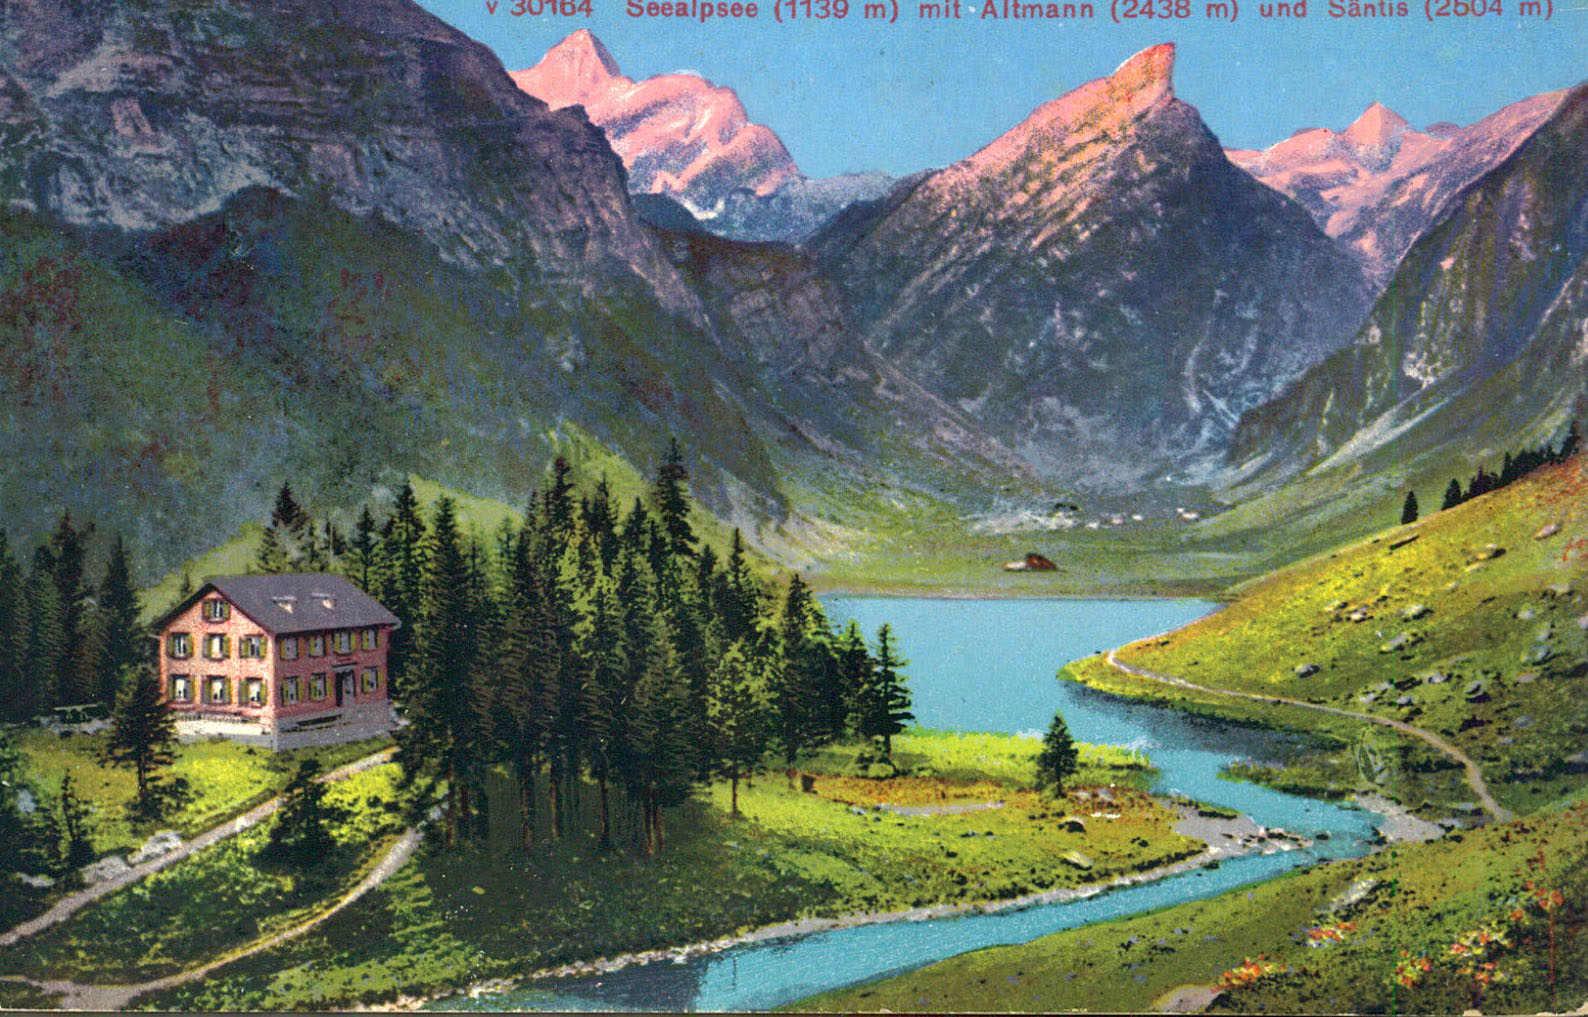 Lot 180 - kanton appenzell  -  MH Marken GmbH Auktion 118